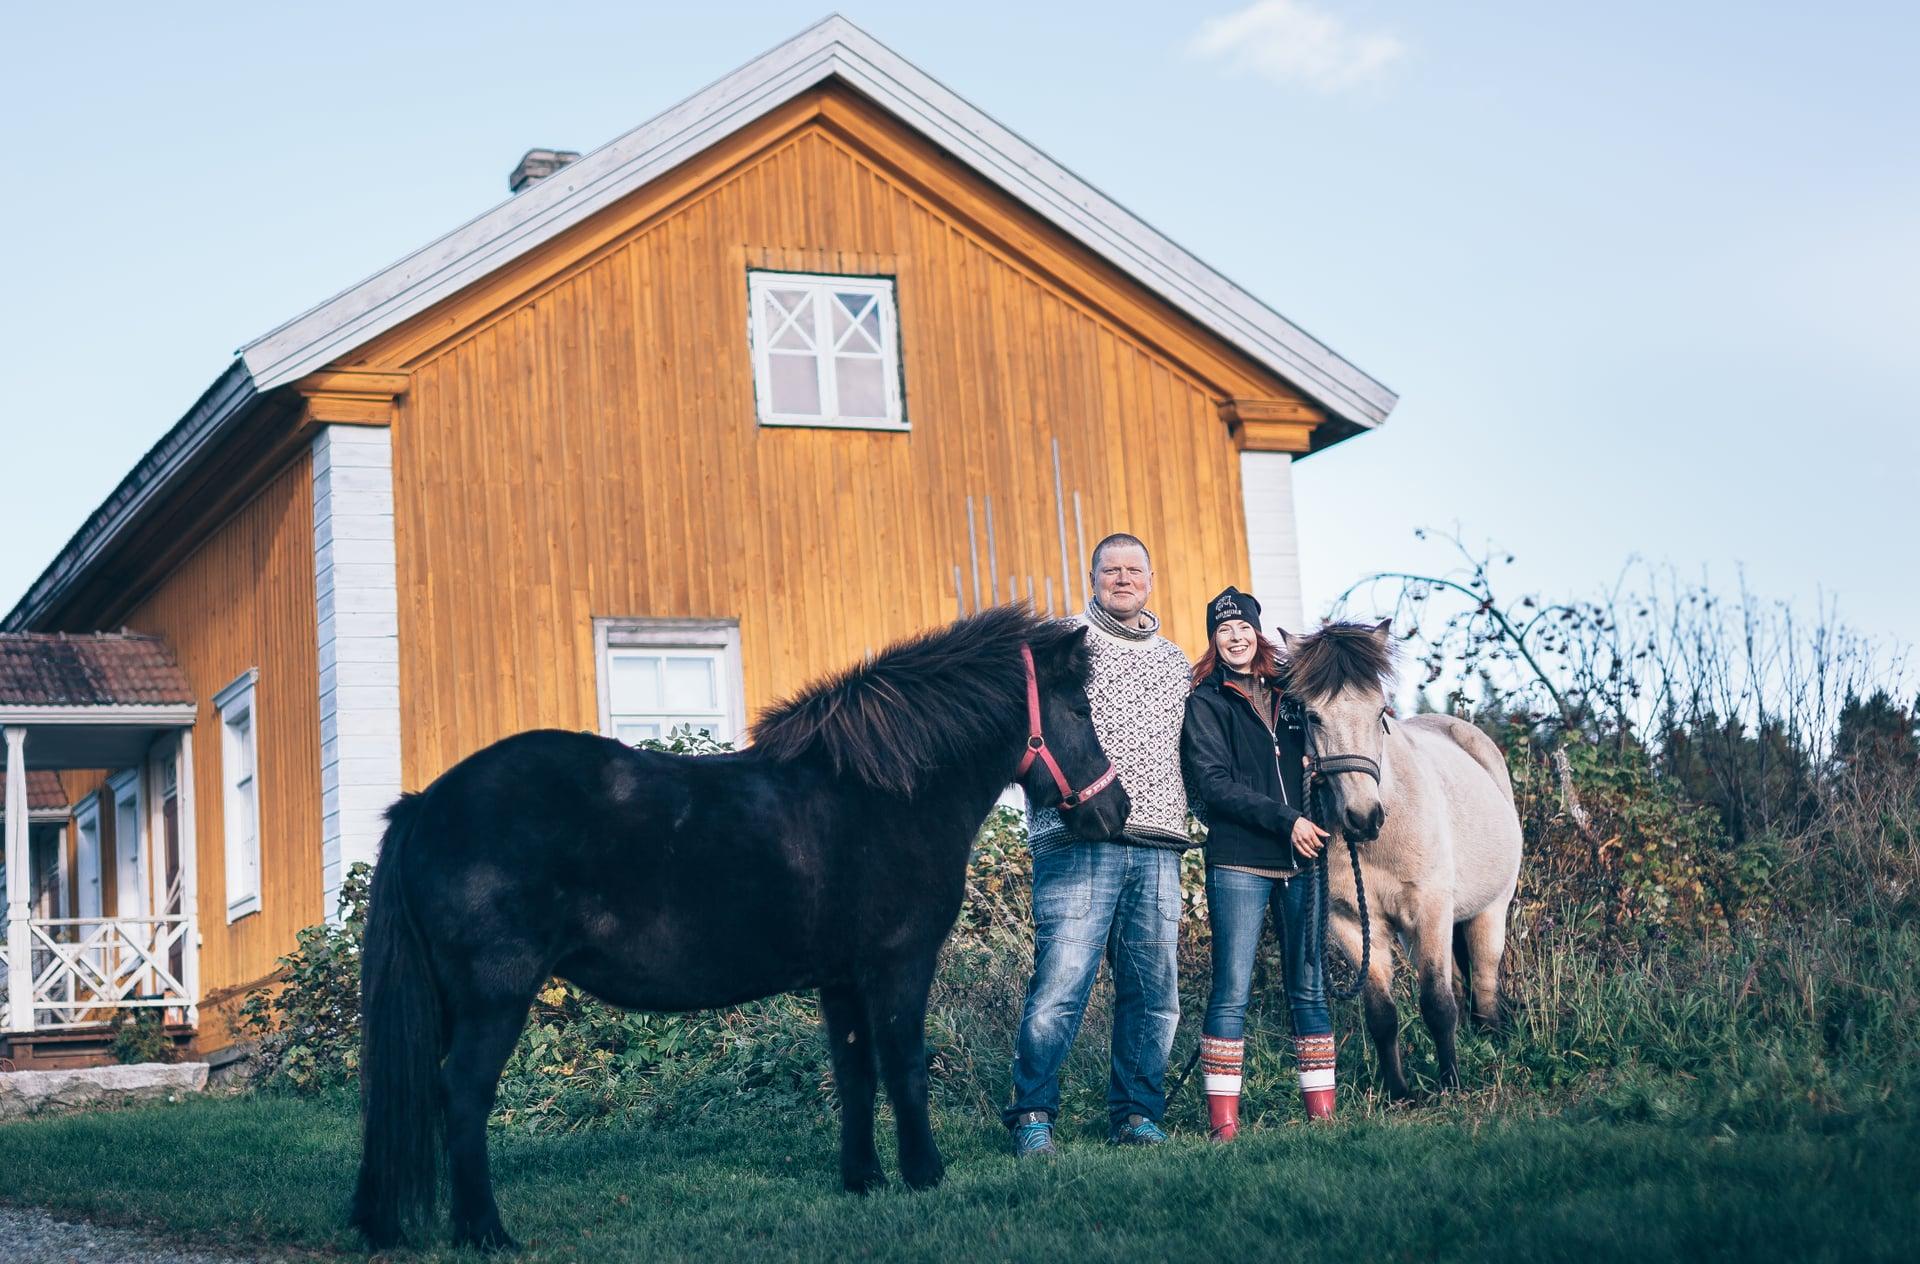 Entisen kunnalliskodin työnjohtajan talo on nykyään Vesa ja Mirva Varpan koti. Islanninhevoset Sómadis ja Alda viihtyvät paremmin pellolla.